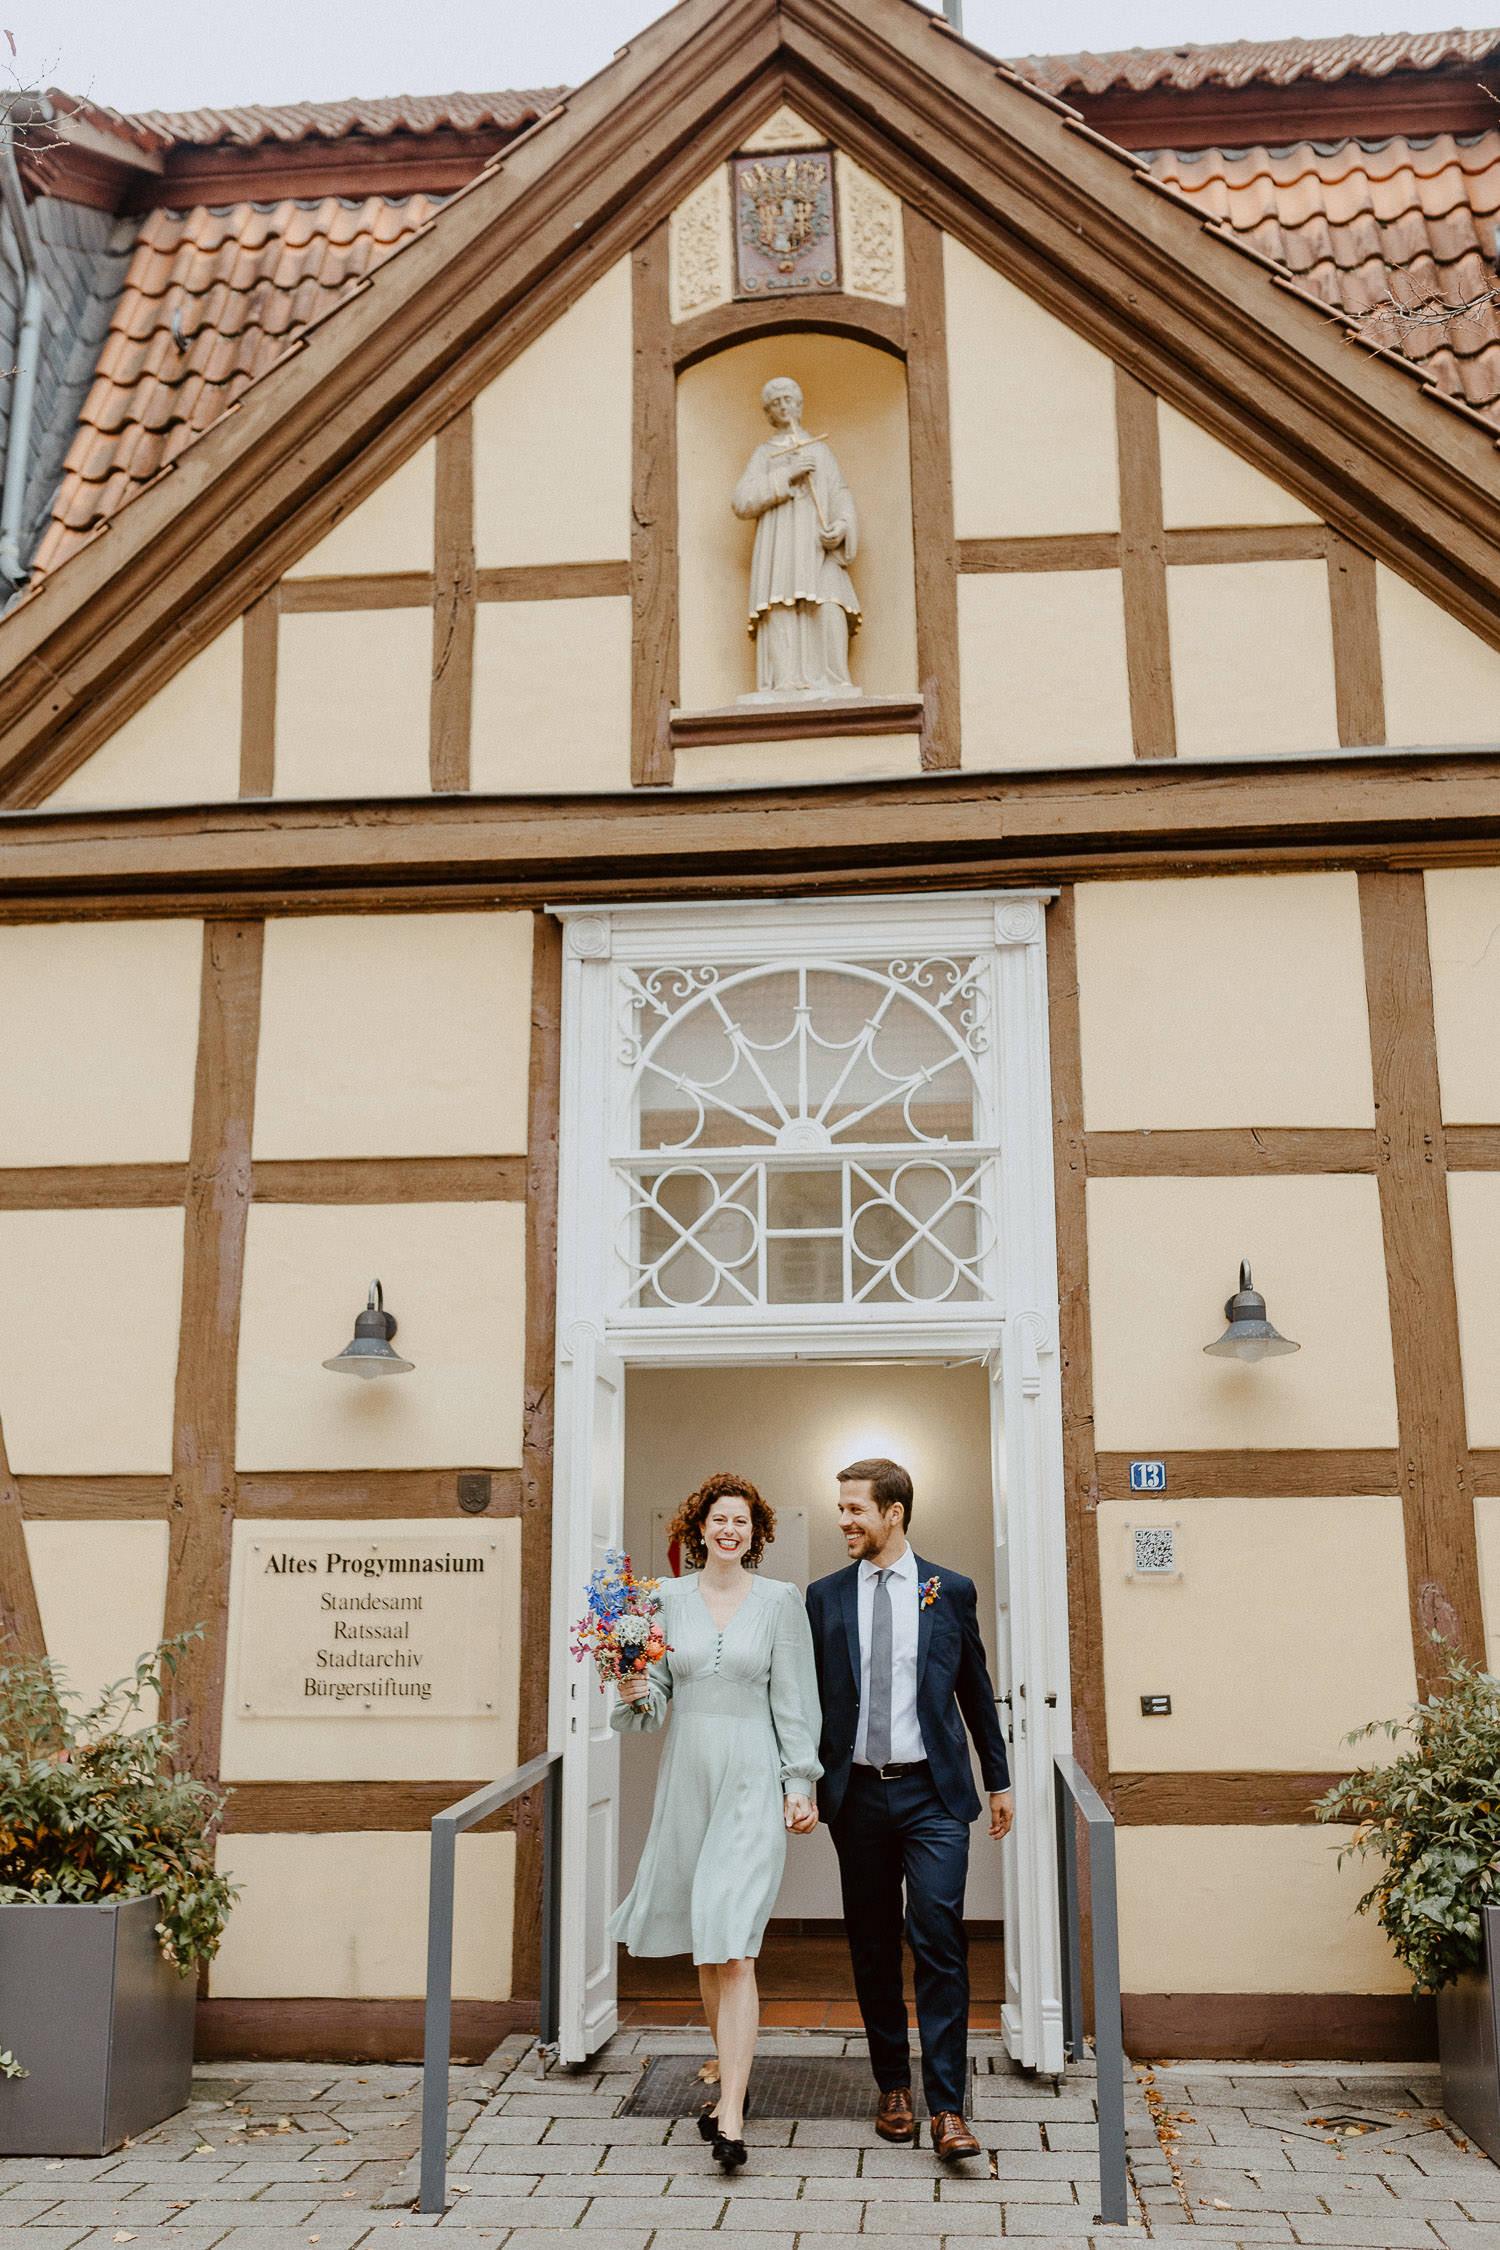 Brautpaar komm Hand in Hand aus dem Standesamt Rietberg